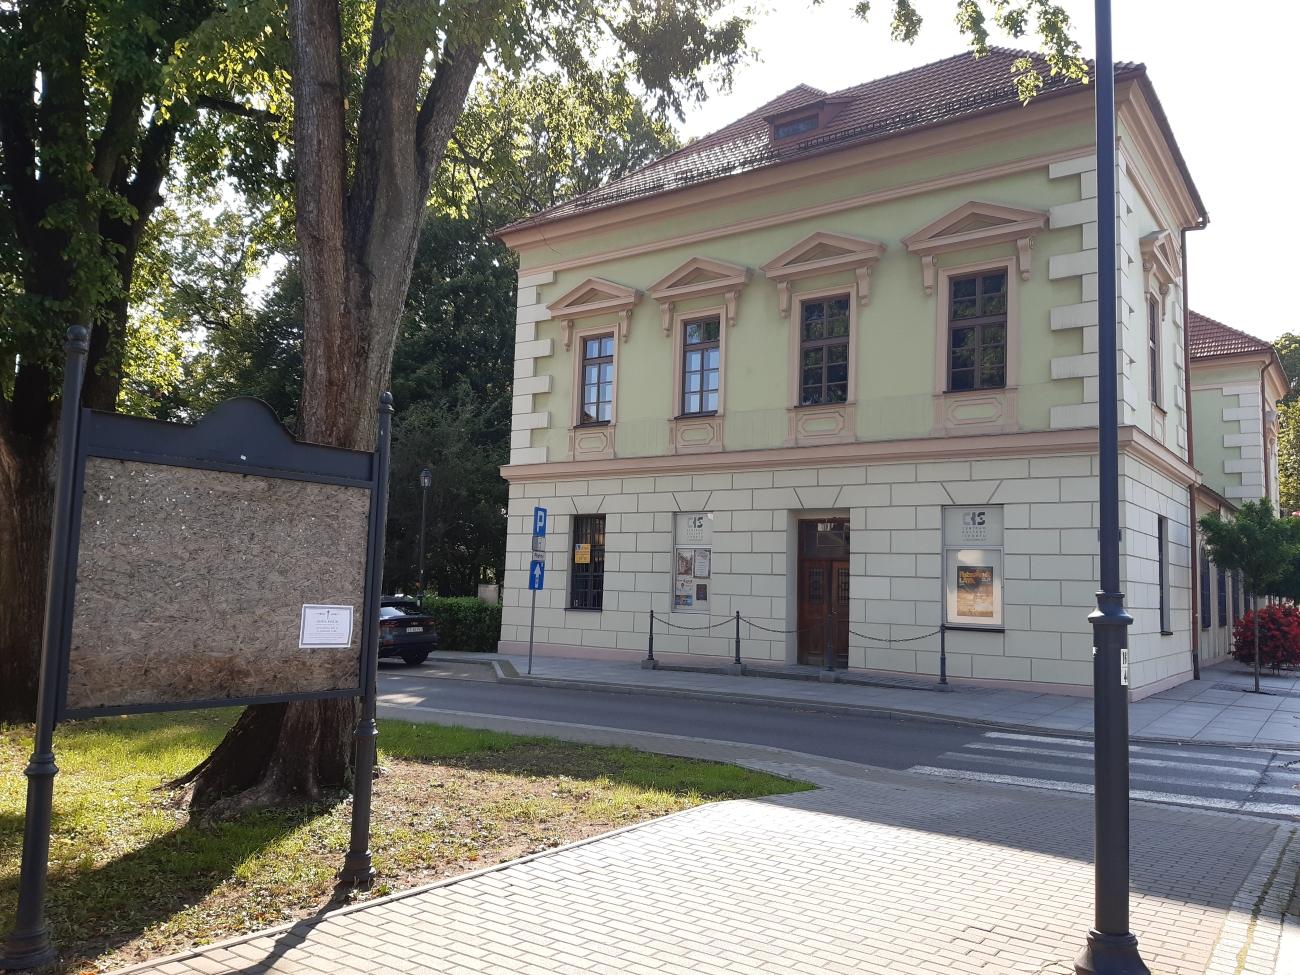 krzeszowice_laweczka_konarski2